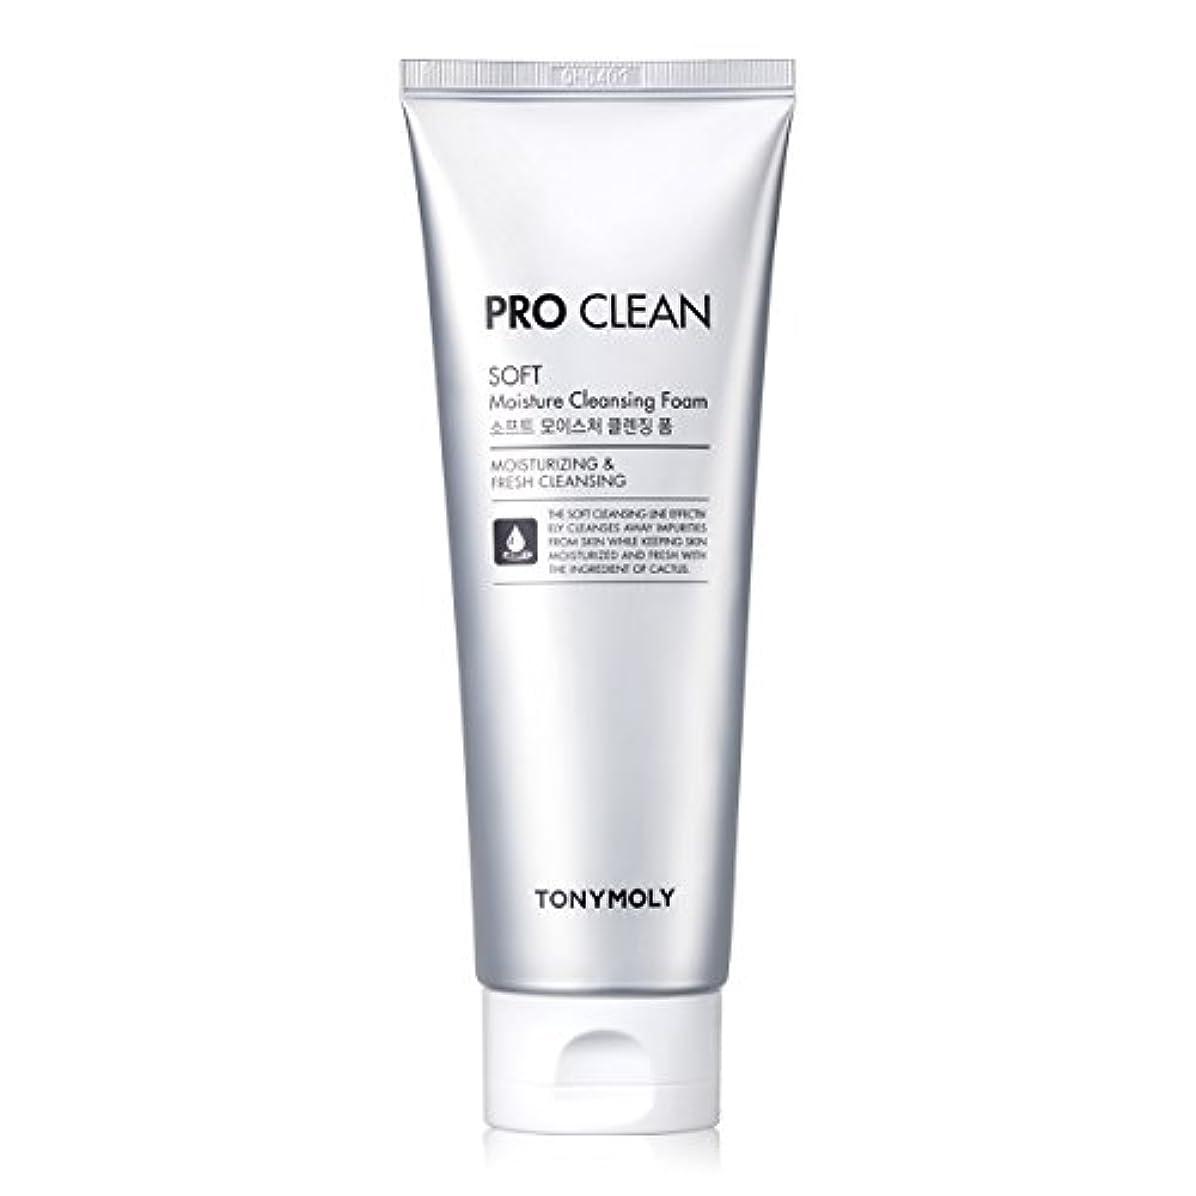 リーズ少数形[New] TONYMOLY Pro Clean Soft Moisture Cleansing Foam 150ml/トニーモリー プロ クリーン ソフト モイスチャー クレンジングフォーム 150ml [並行輸入品]